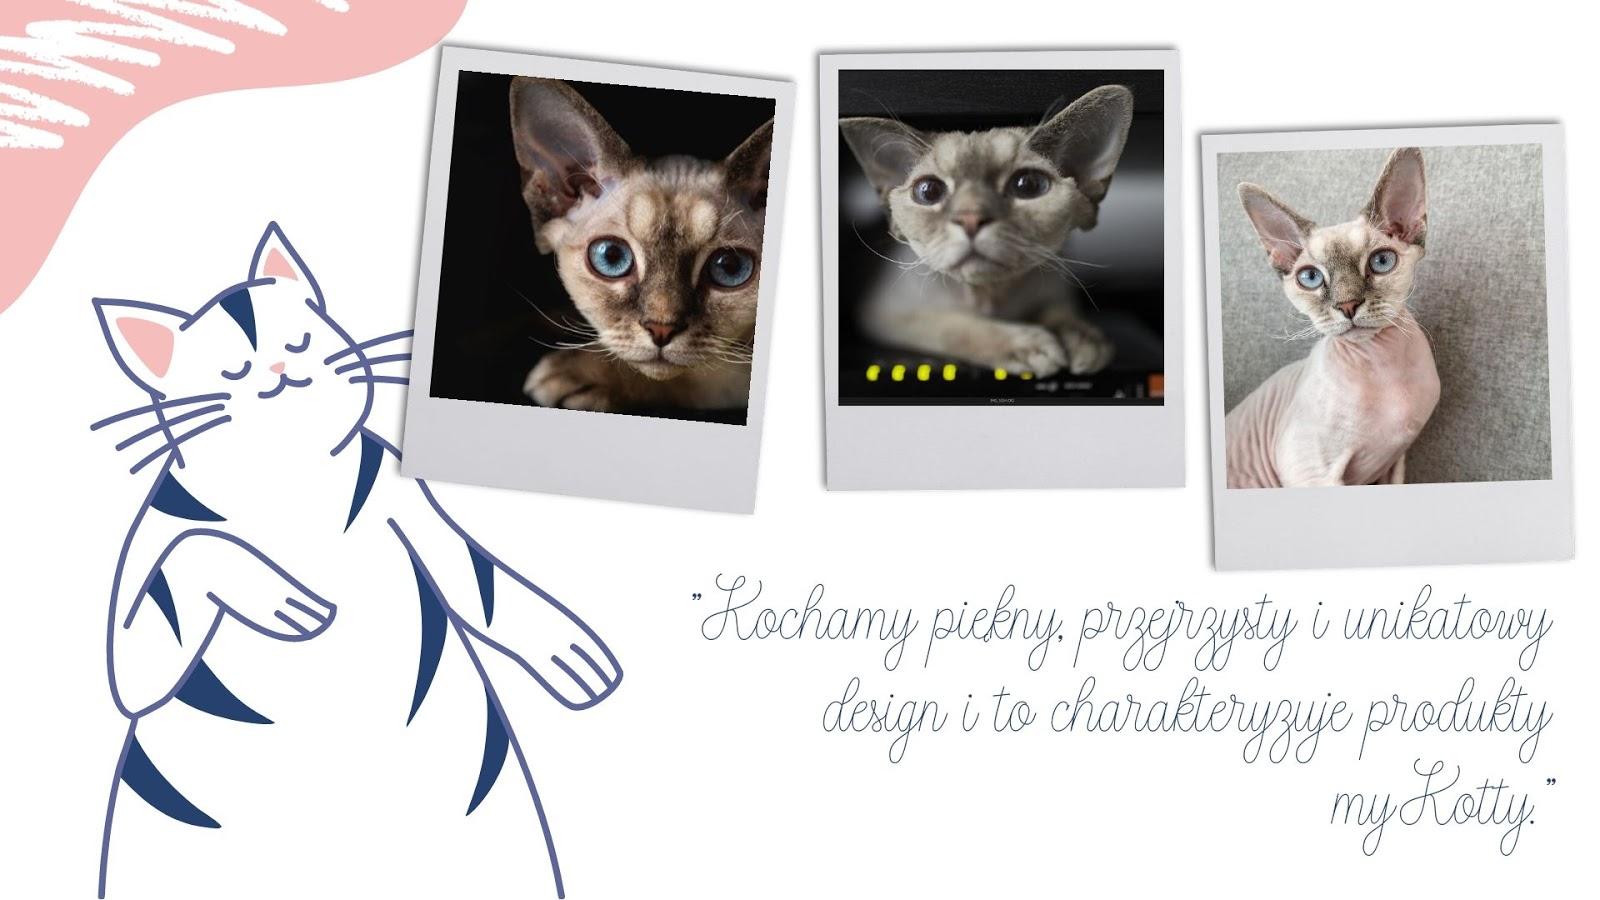 8 drapaki z tektury falistej dla kotów gdzie kupić zabawki drapaki poduszki miski wysokiej jakości dla kotów dodatki dla kociarzy torba gadżety prezent dla kota dla kociarza mykotty opinie ceny